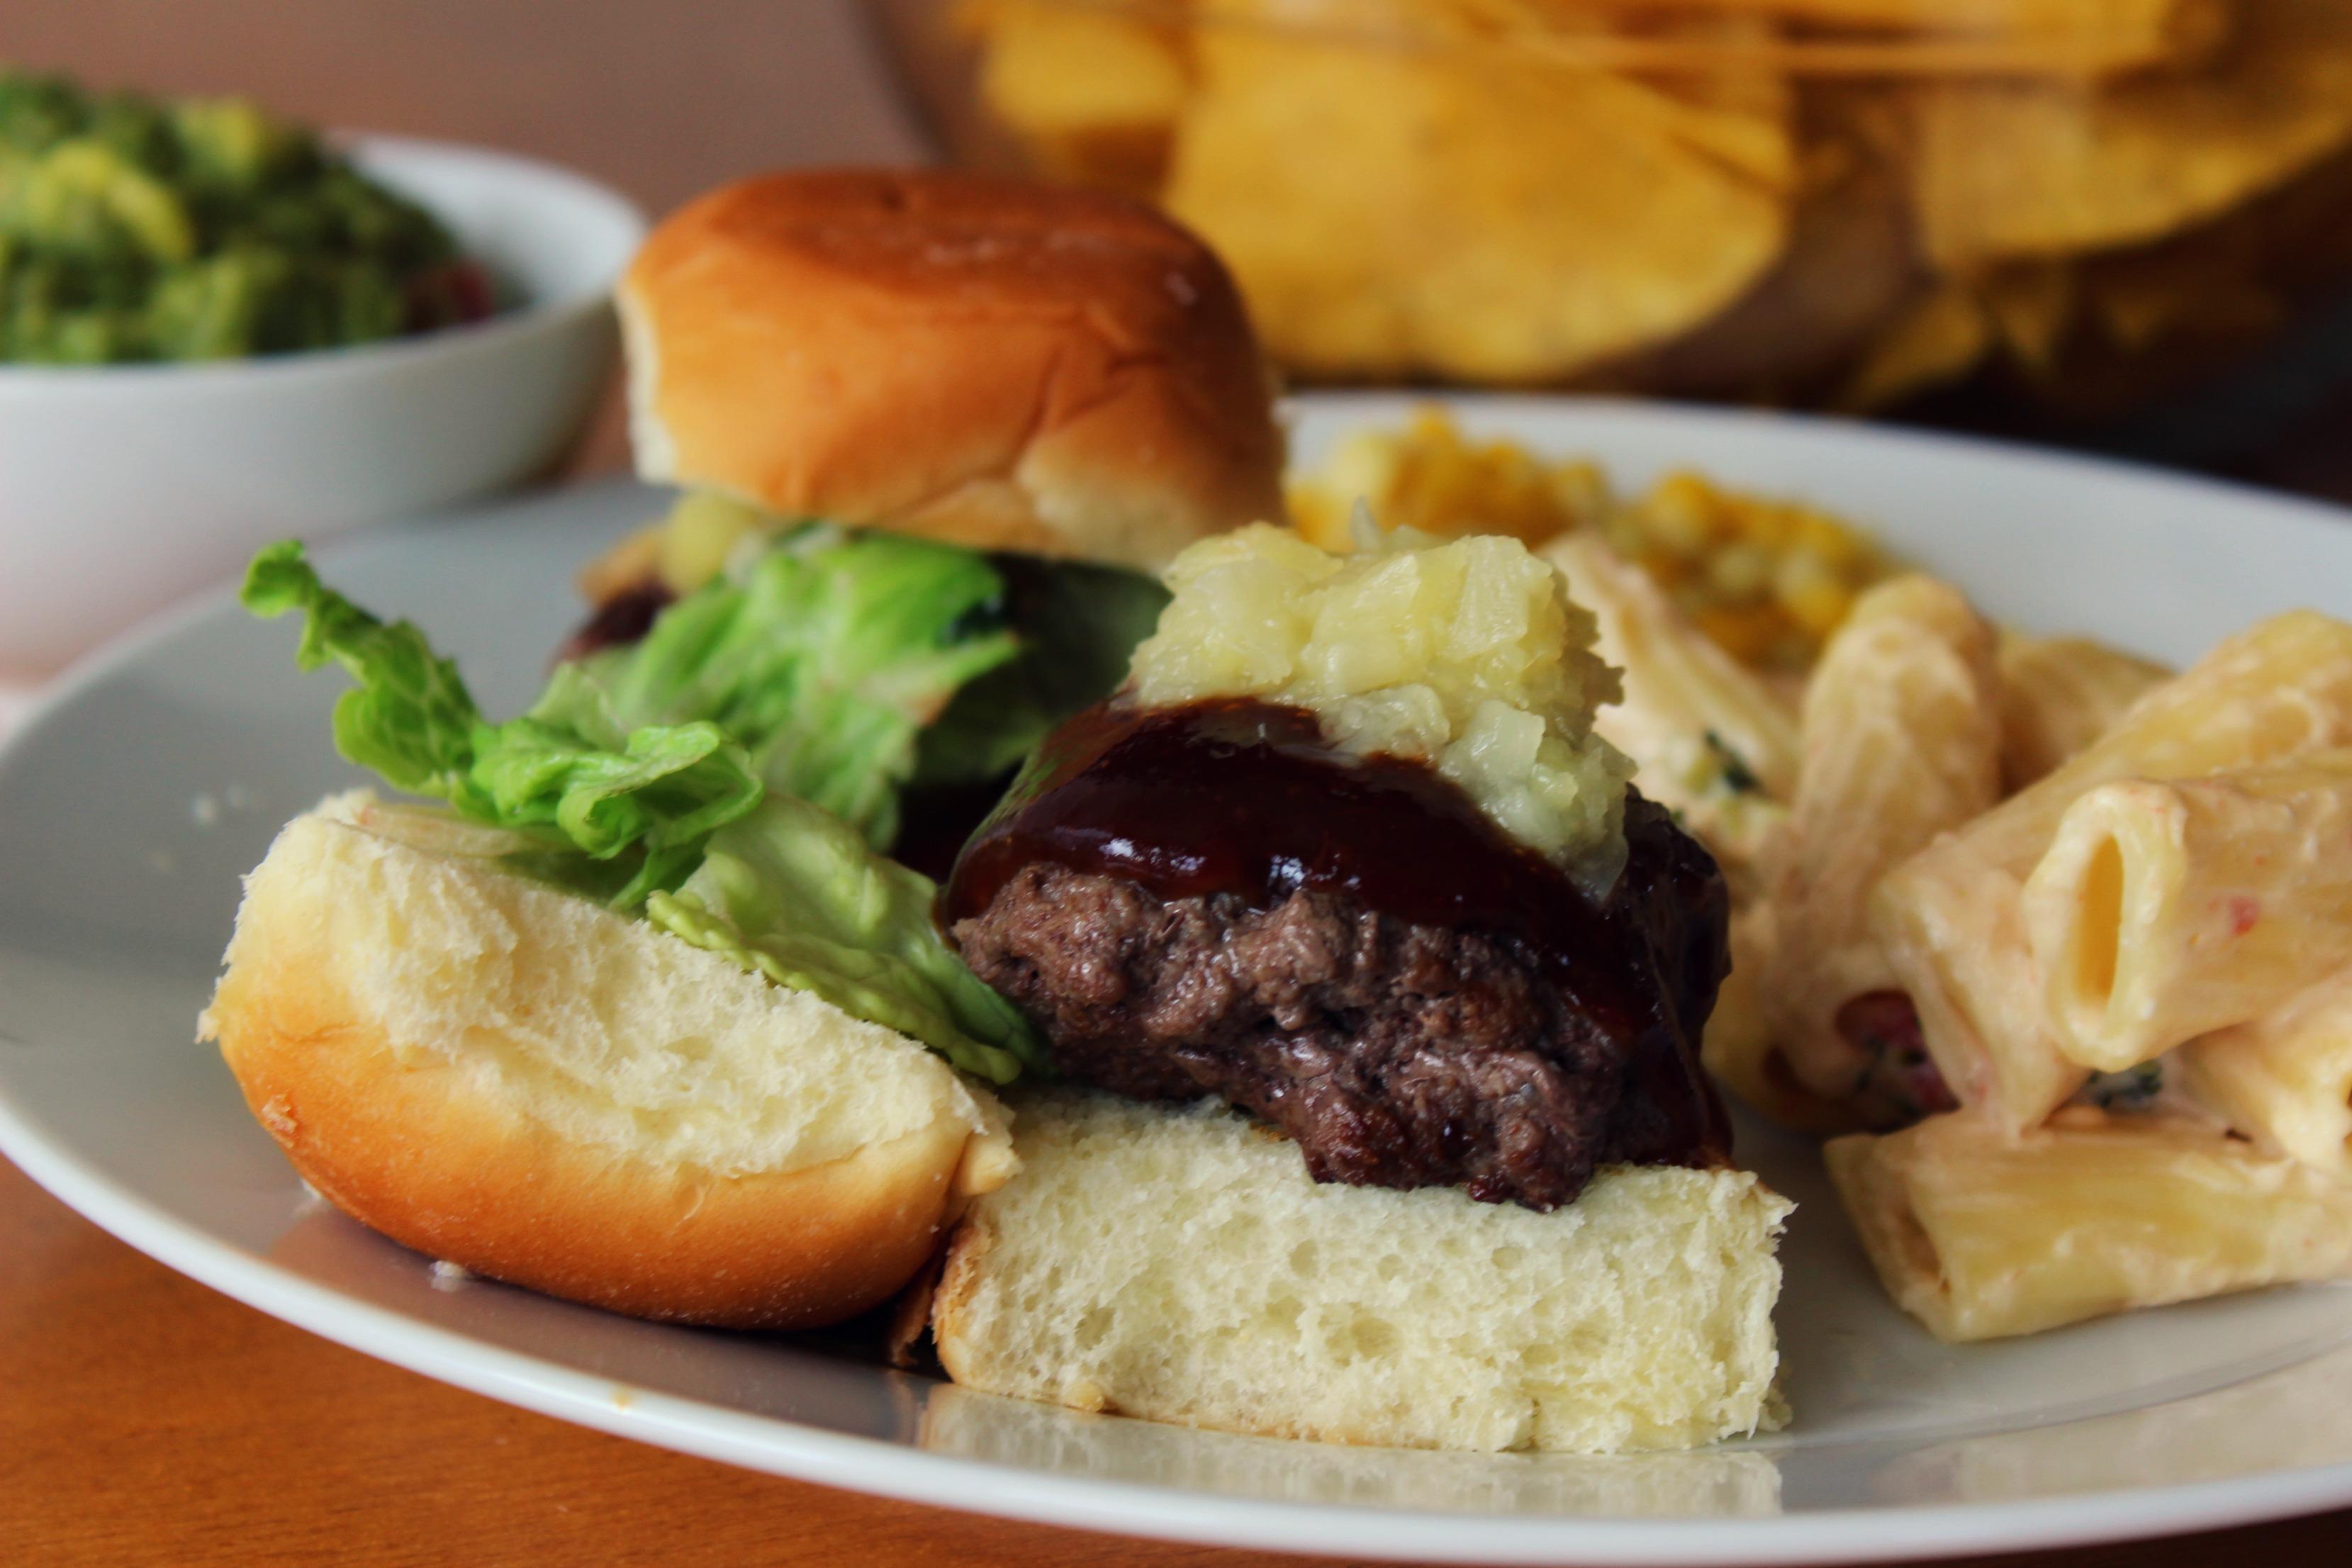 Smoky Bison Burger